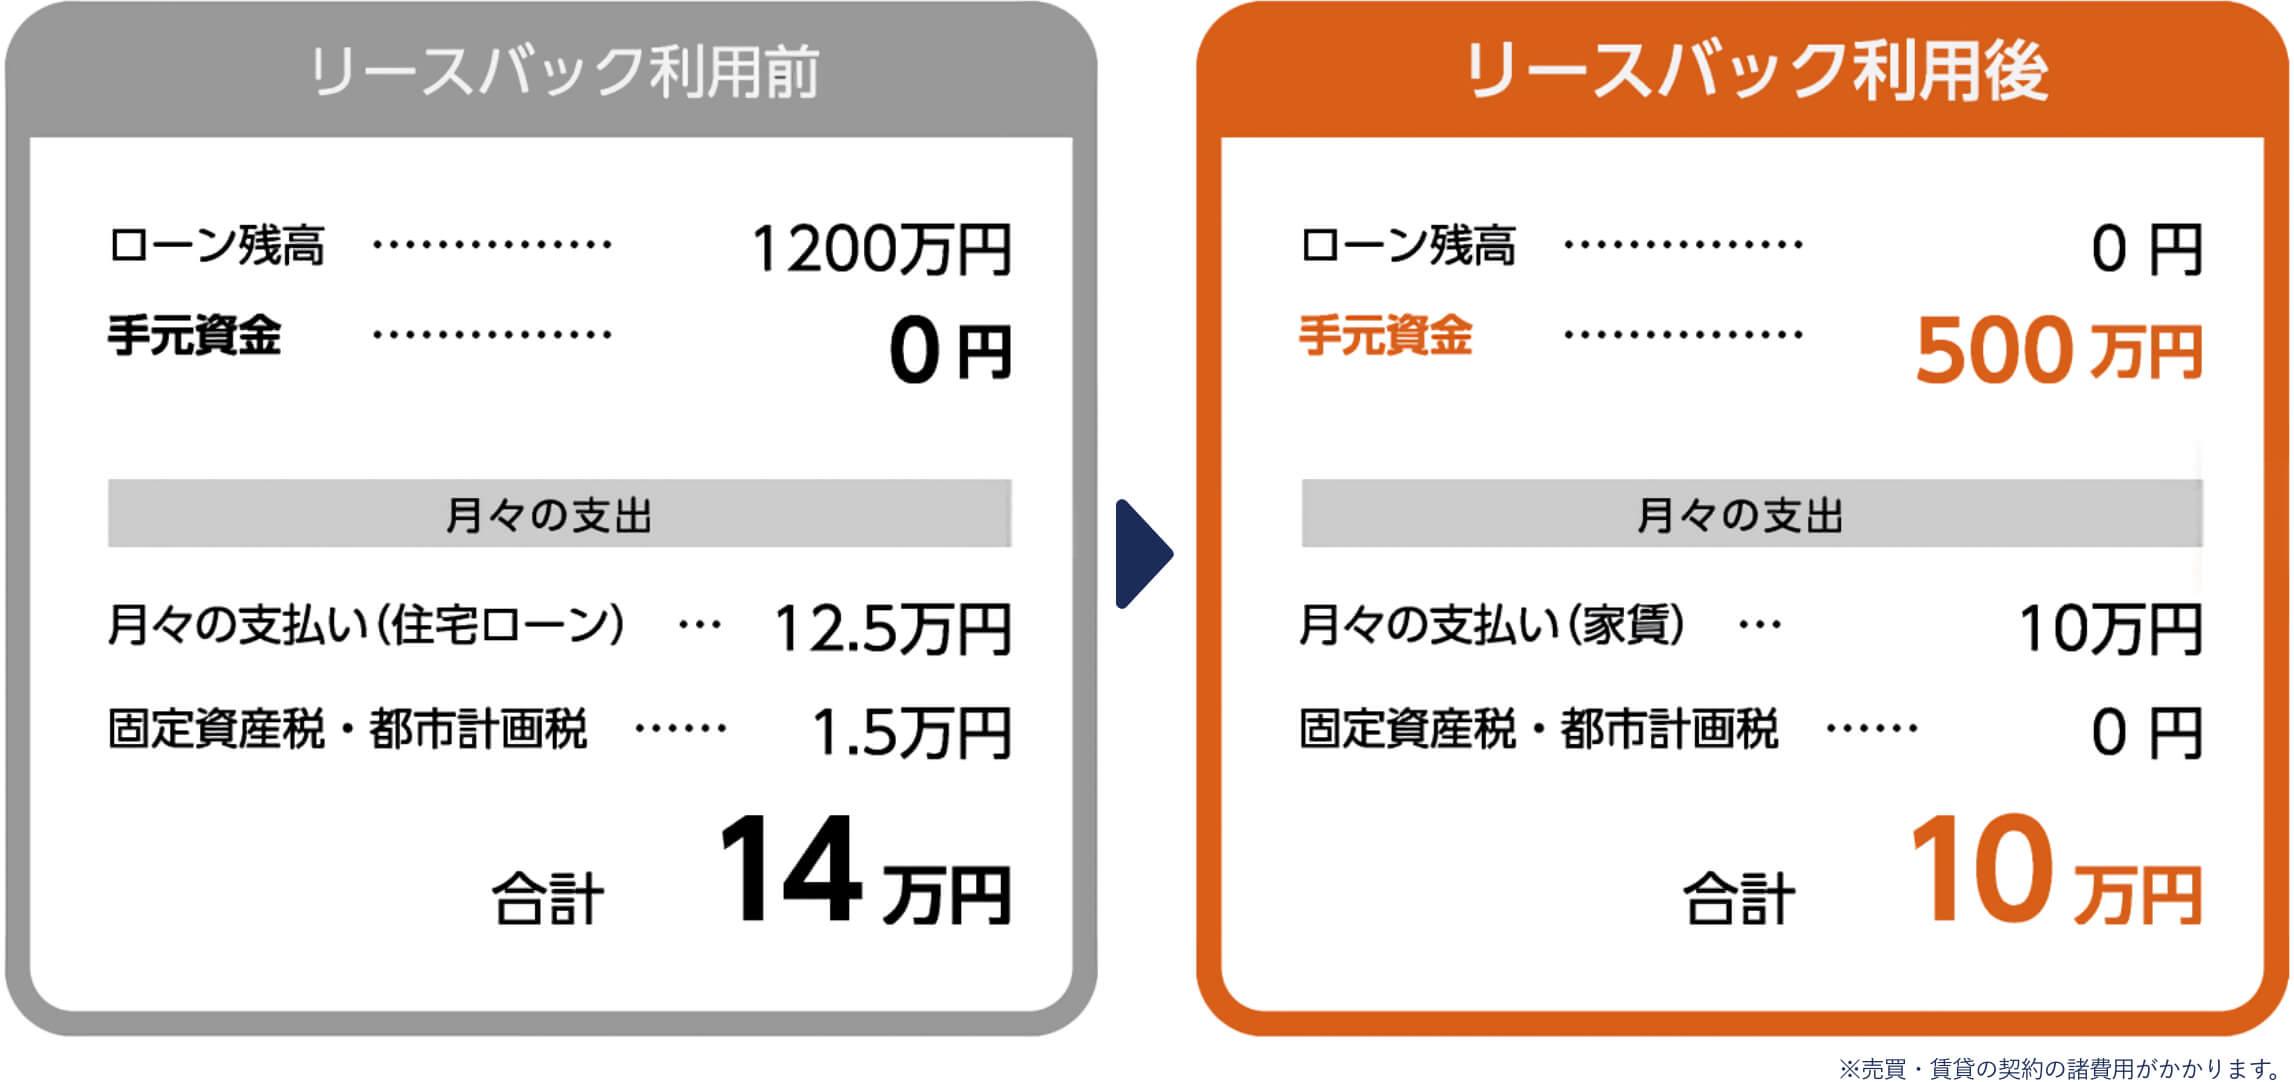 リースパック利用前とリースパック利用後の料金比較